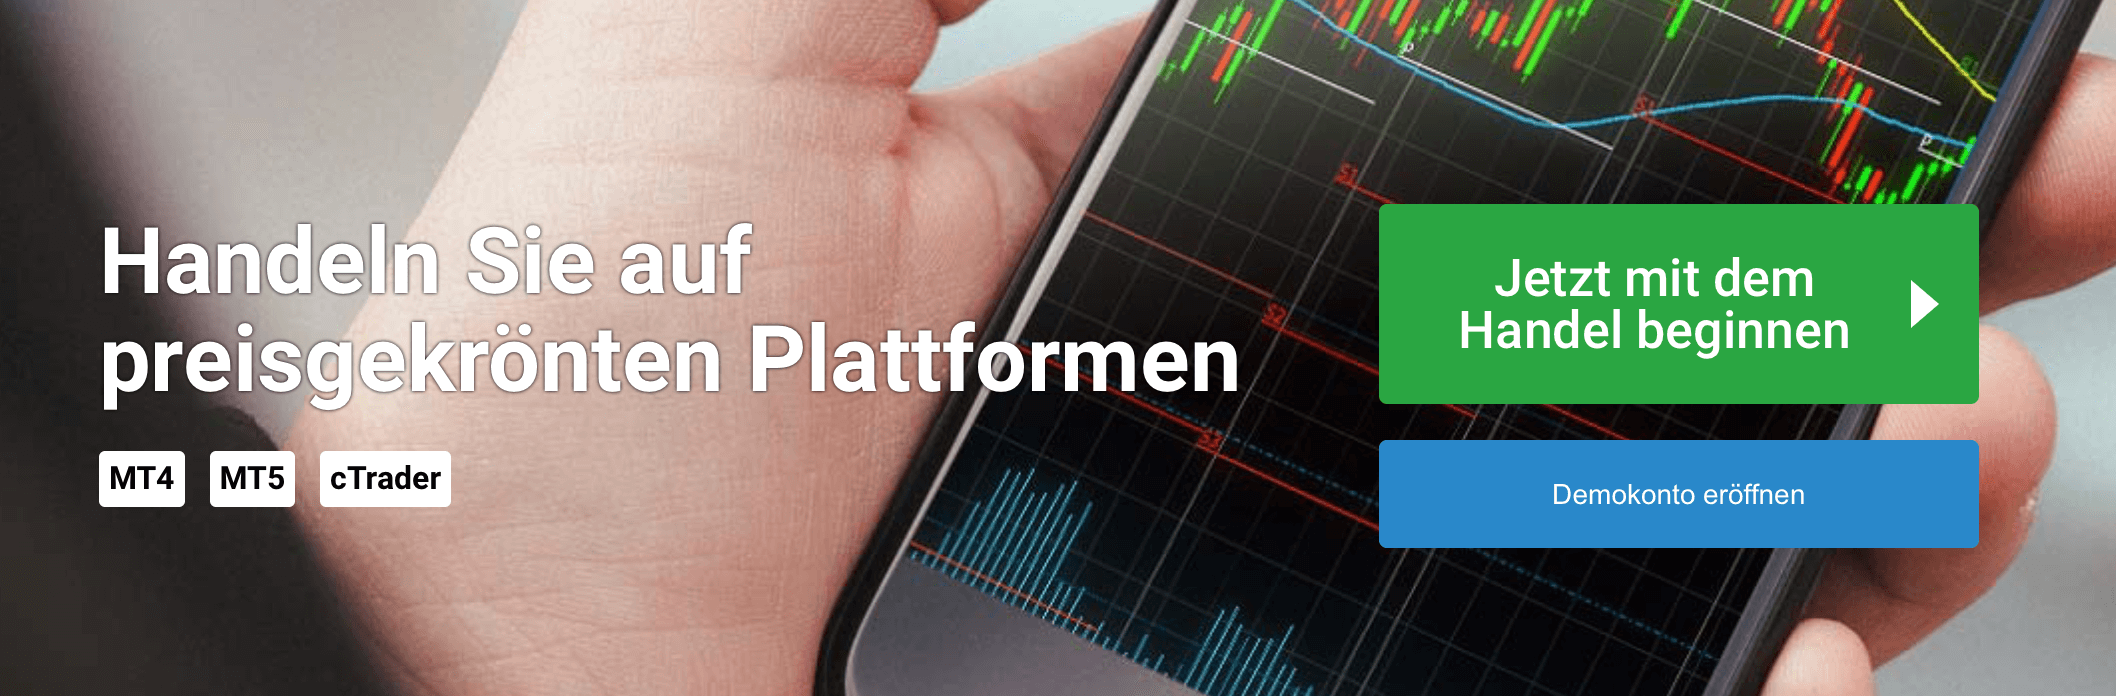 Verschiedene Handelsplattformen bei FxPro